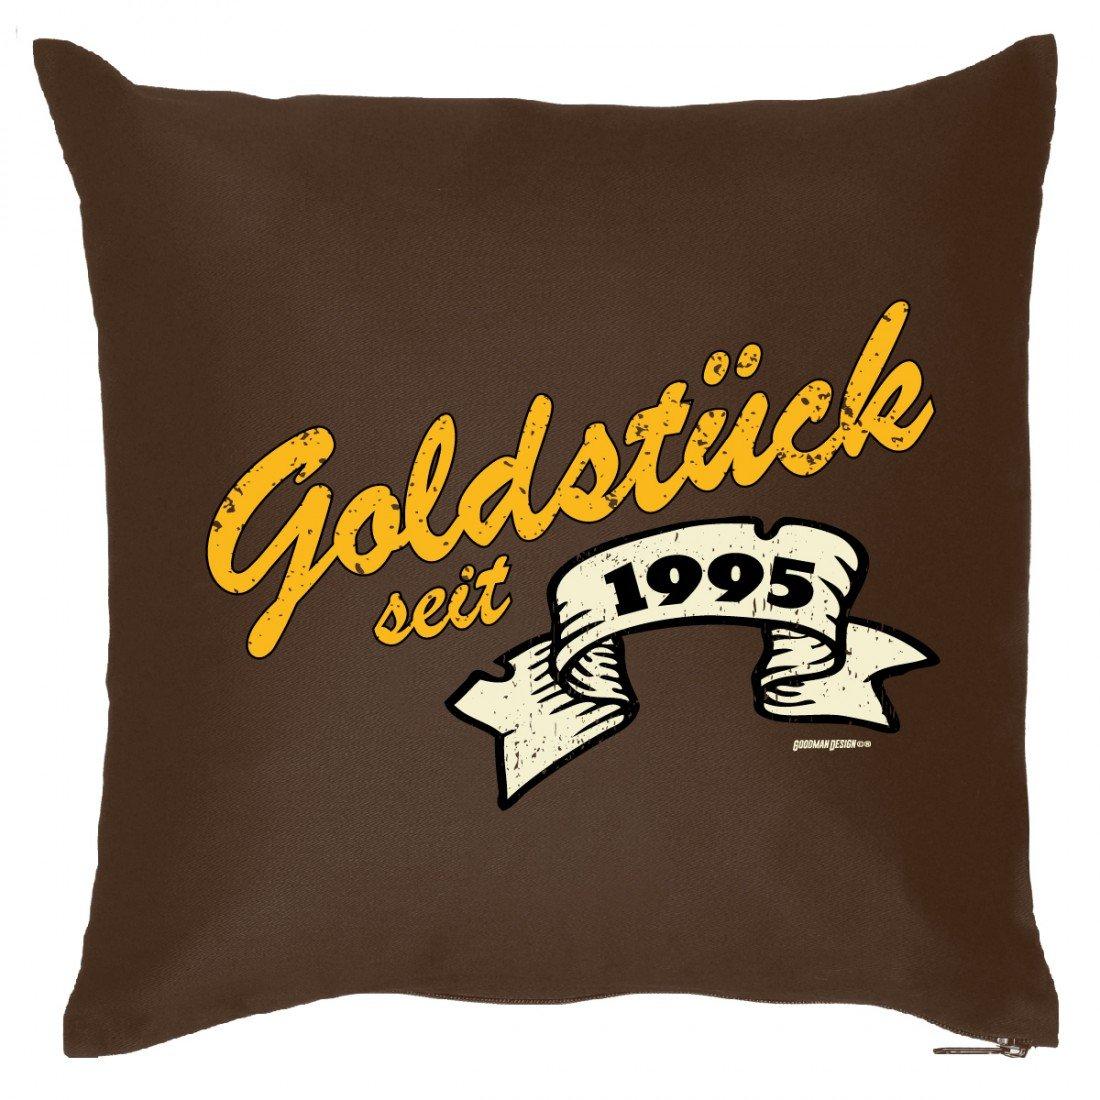 Couch Kissen mit Jahrgang zum Geburtstag - Goldstück seit 1995 - Sofakissen Wendekissen mit Spruch und Humor